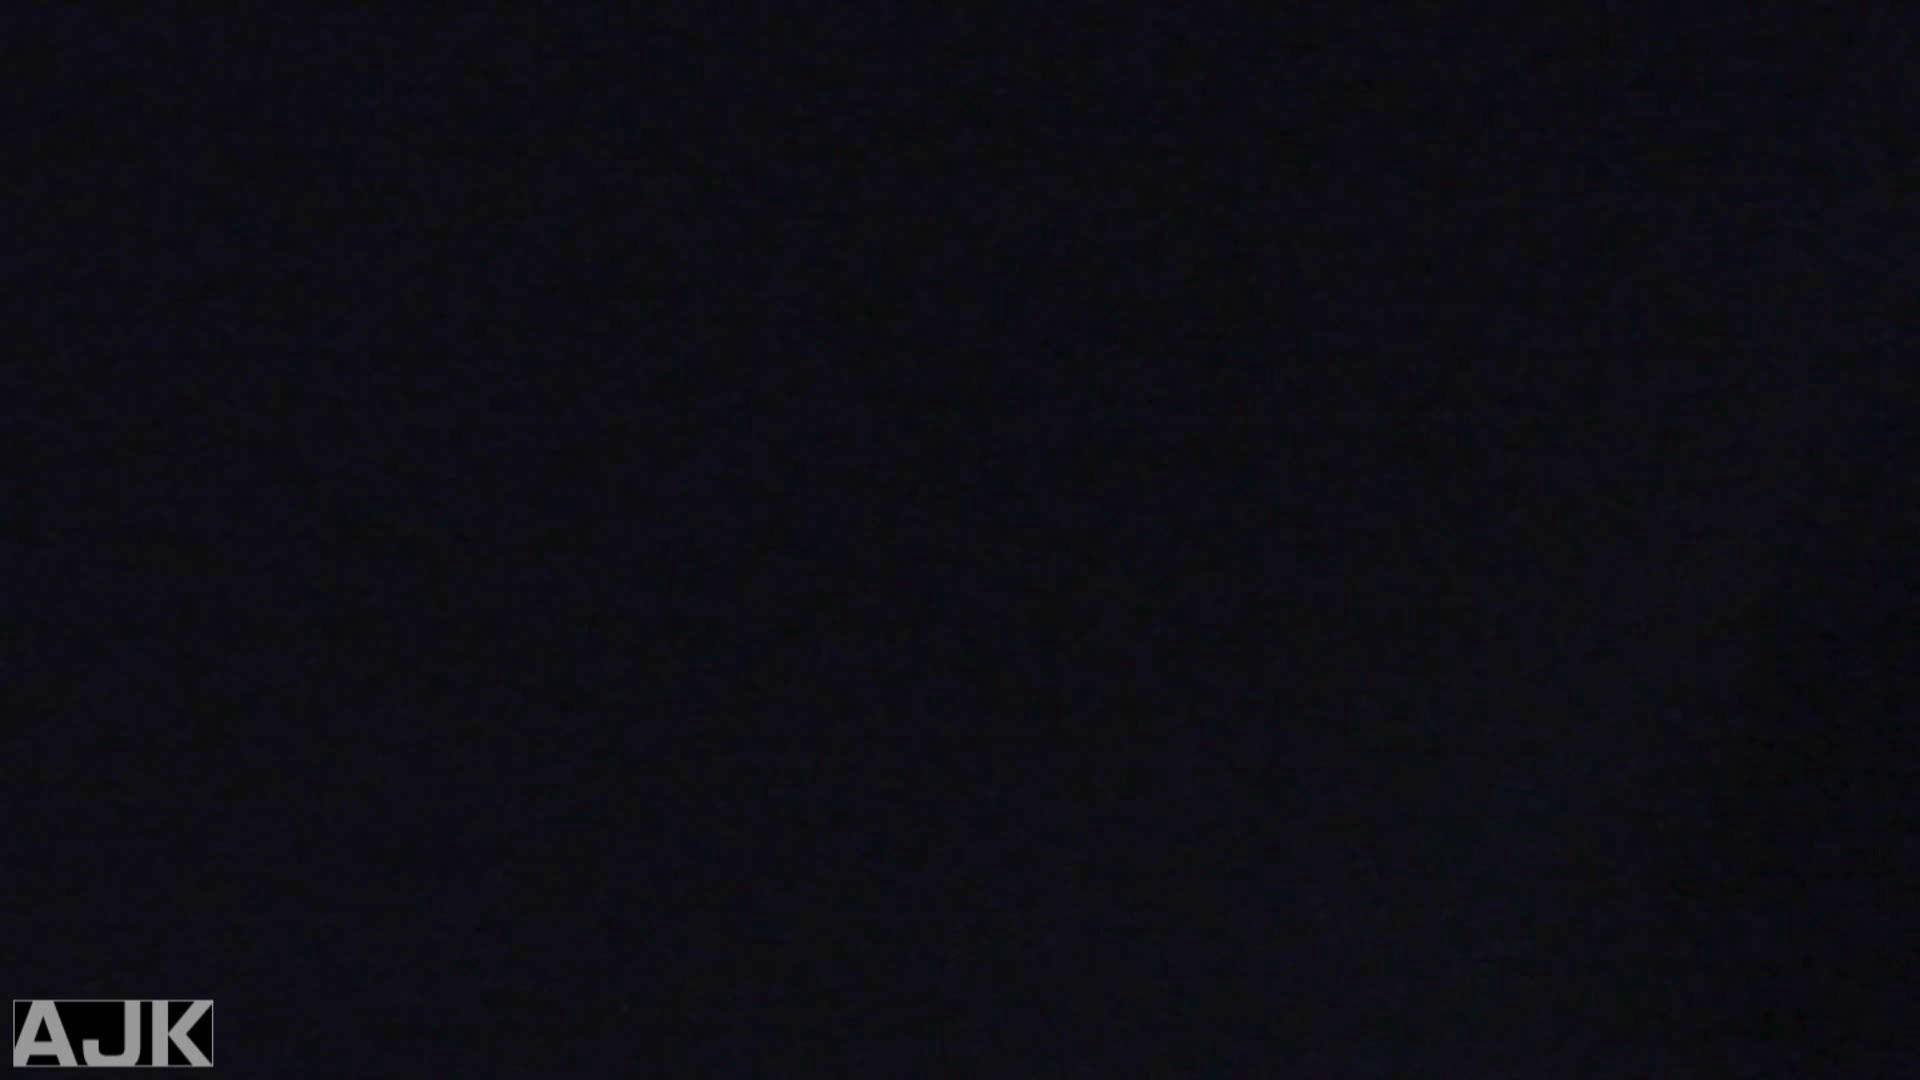 神降臨!史上最強の潜入かわや! vol.22 美女 AV無料 98連発 75